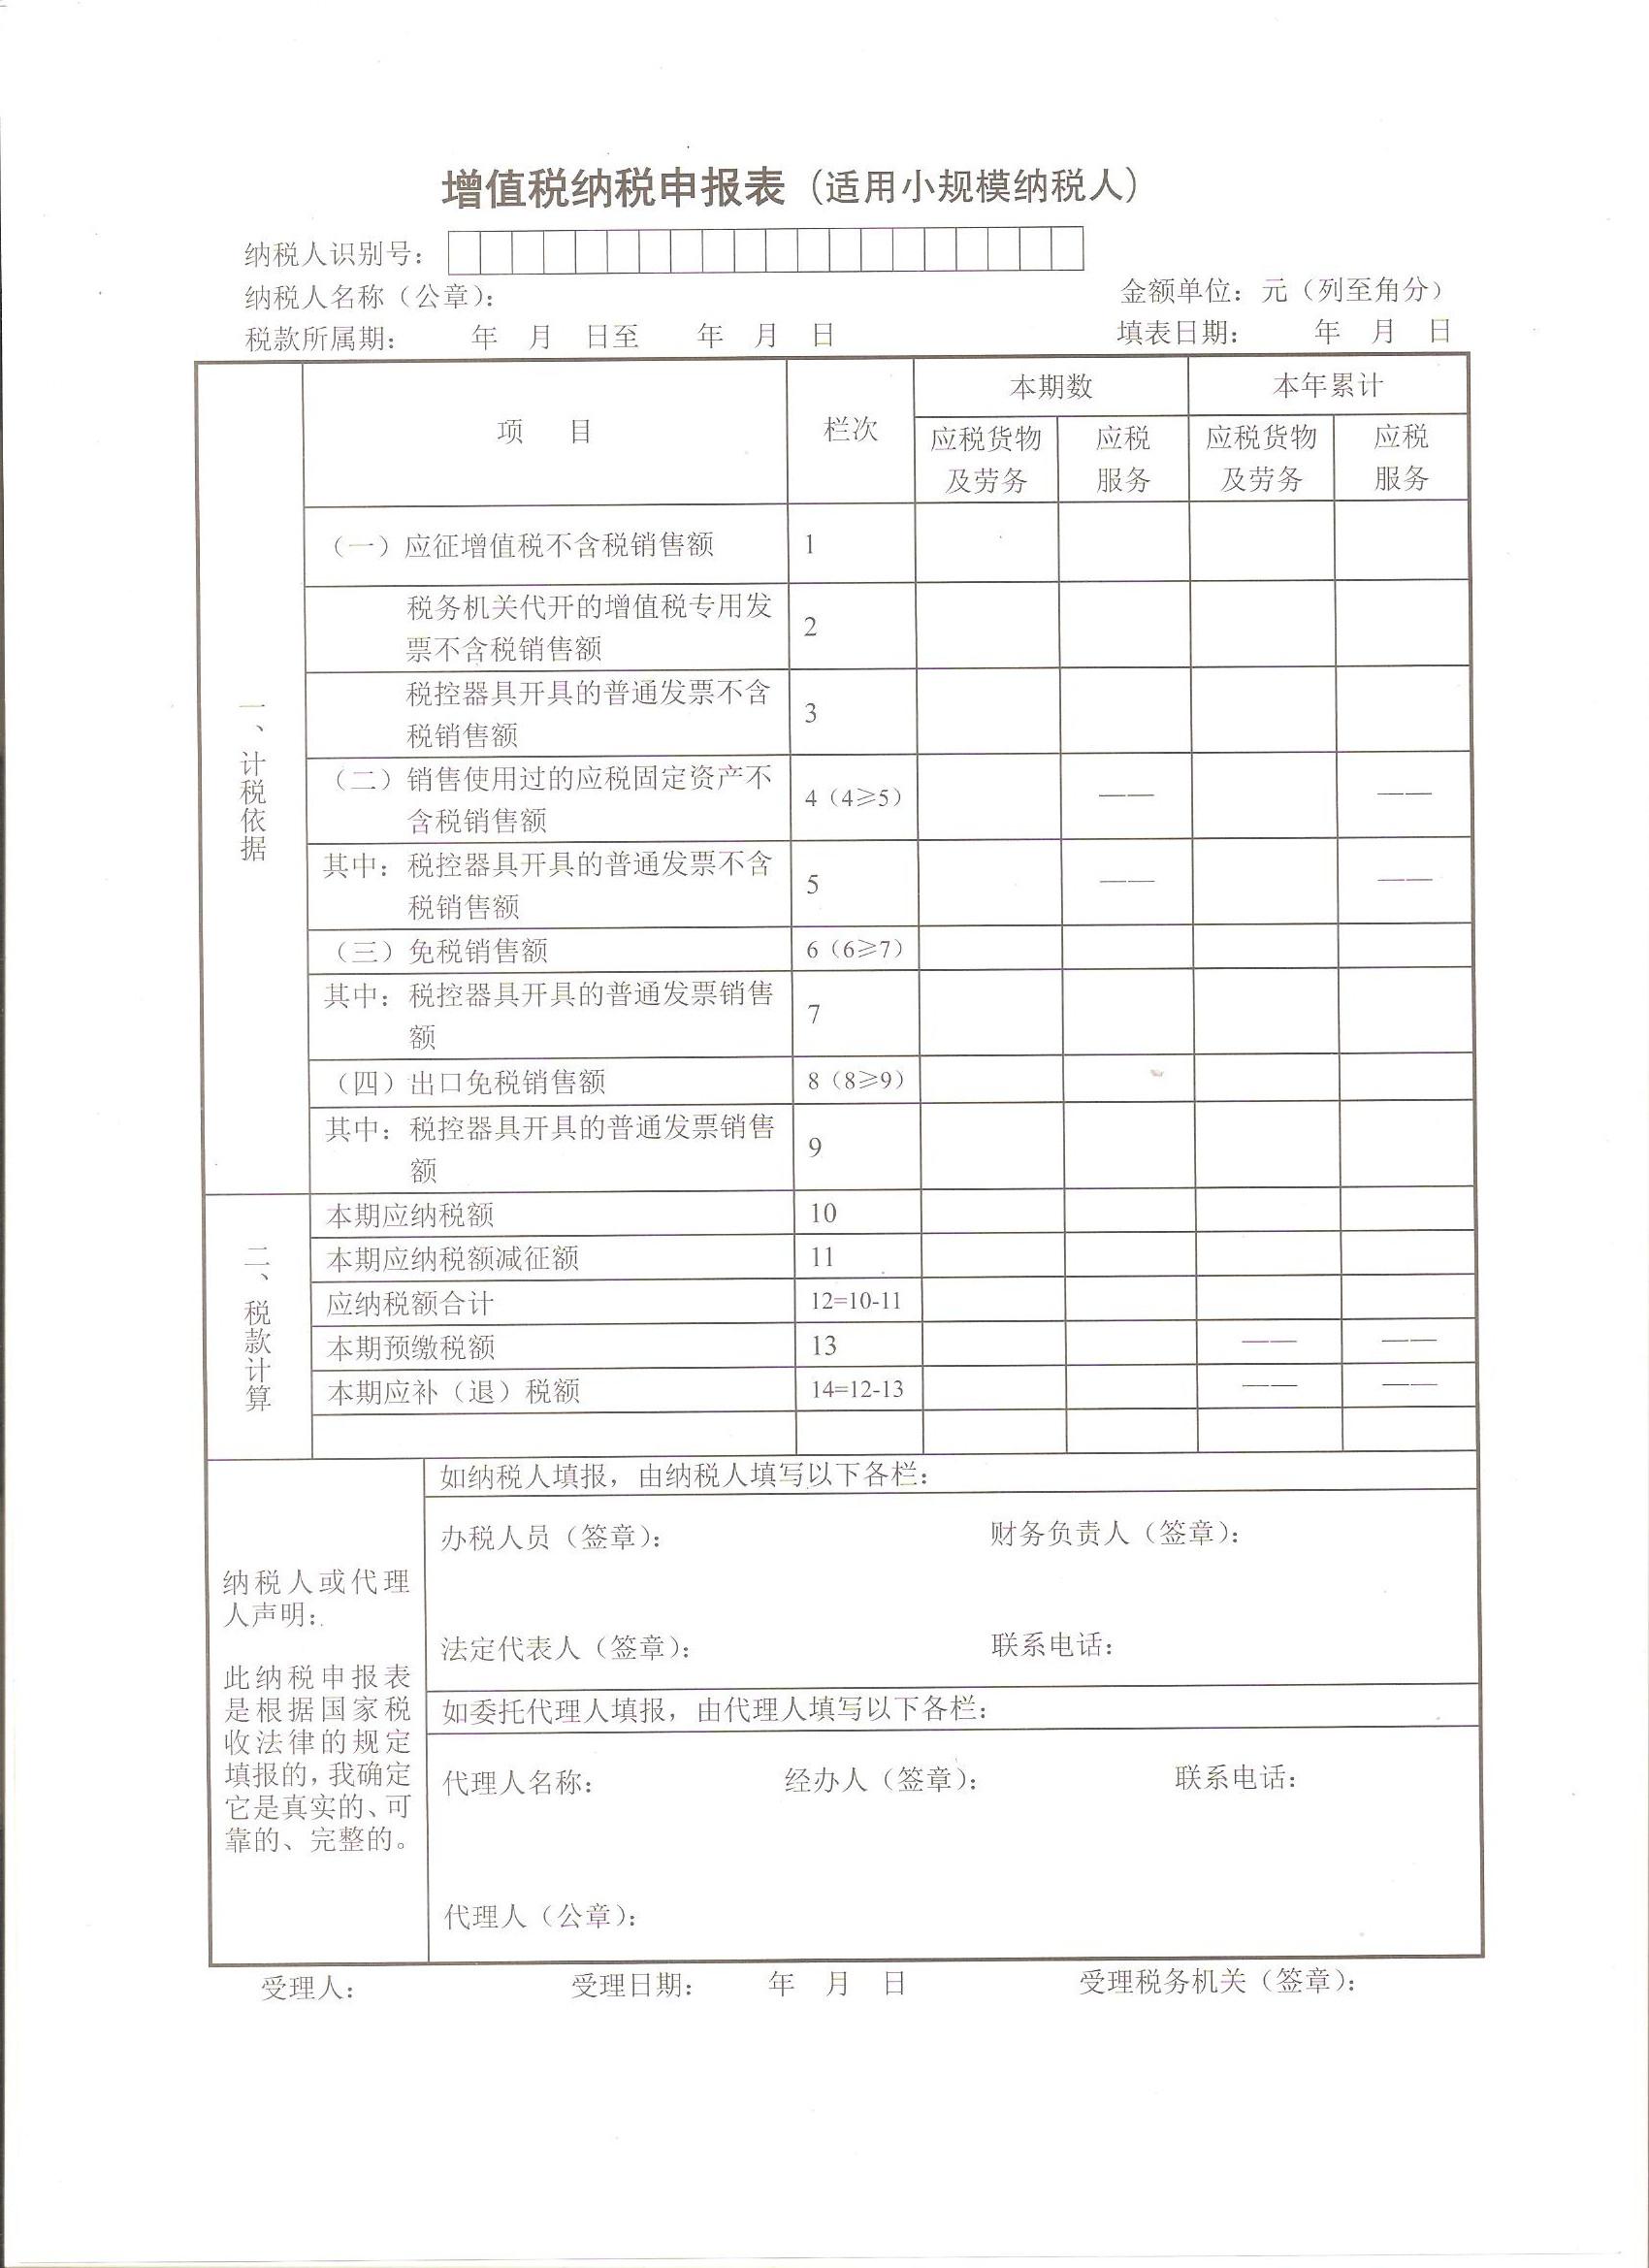 增值税纳税申报表(适用小规模纳税人)增值税纳税申报表(适用小规模纳税人)5